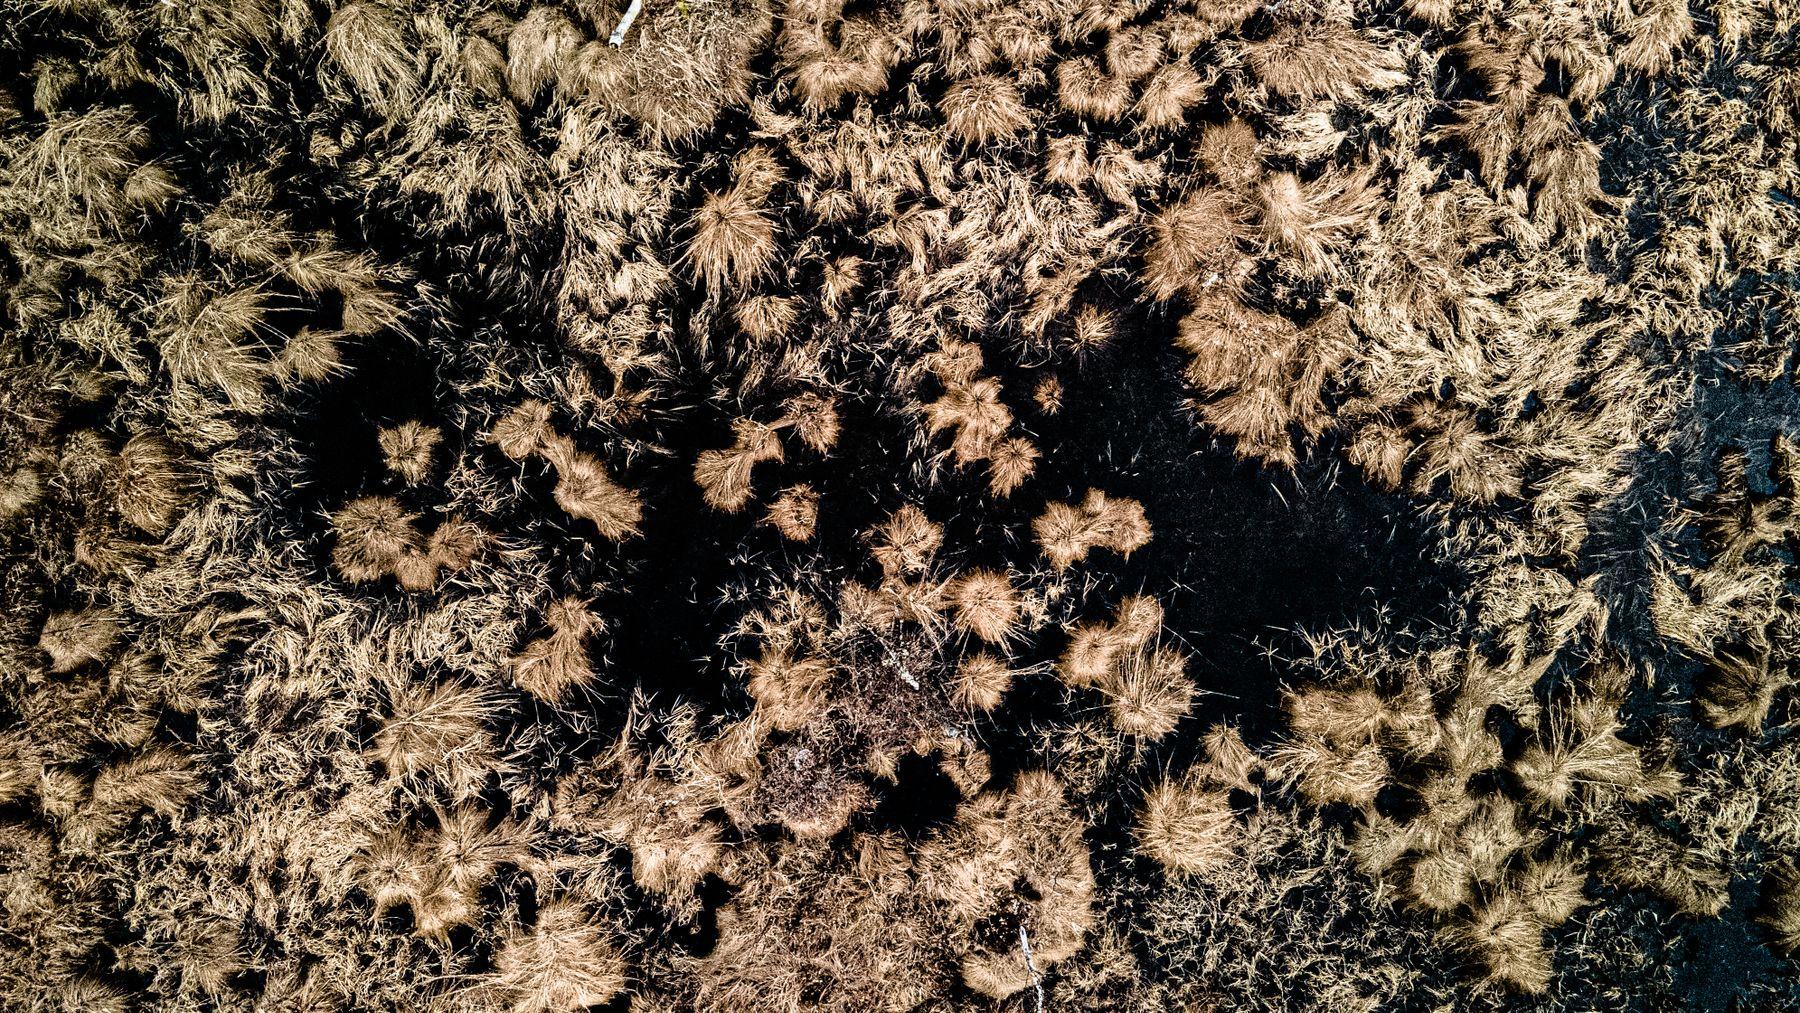 болото в черных тонах